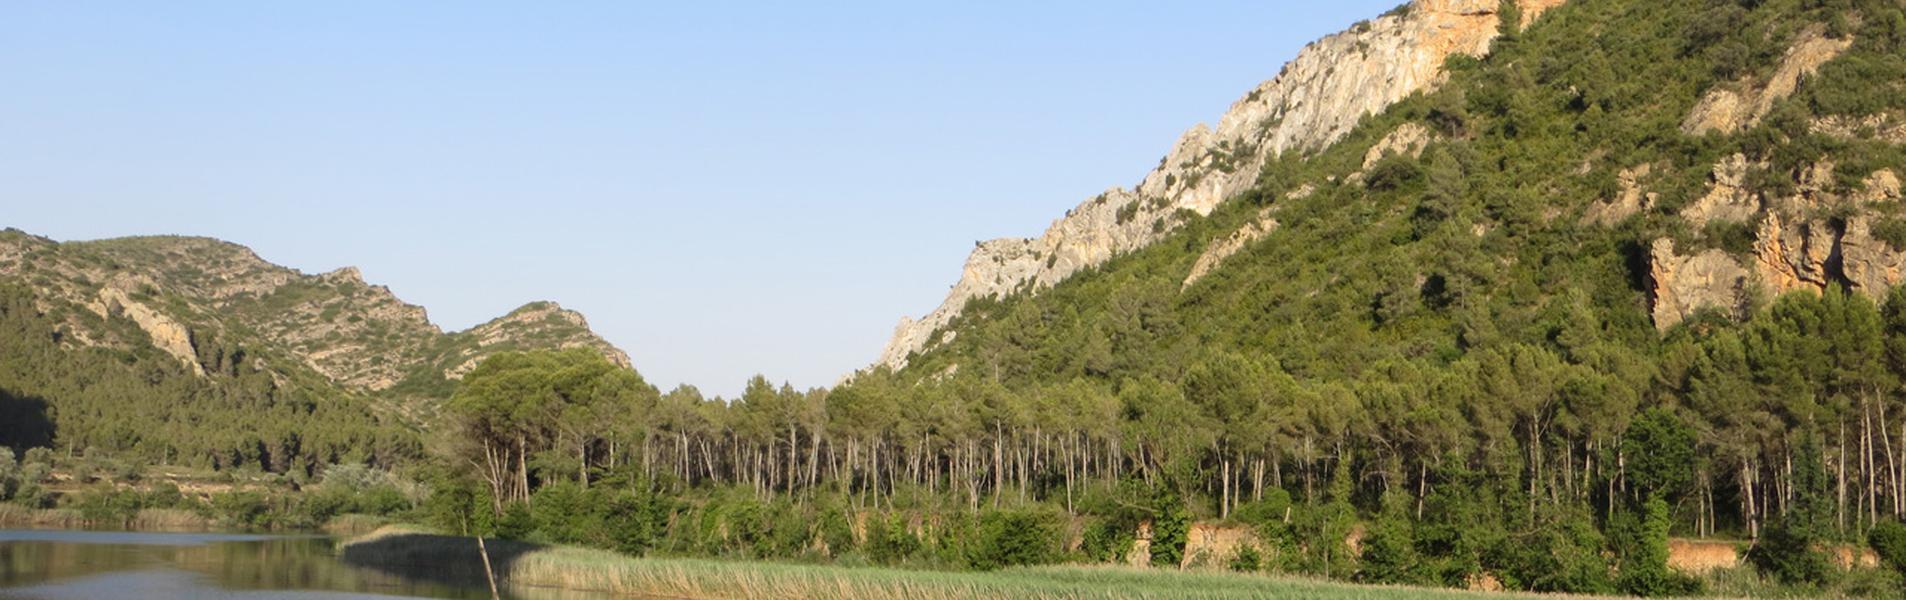 Pantano de Sant Llorenç de Montgai